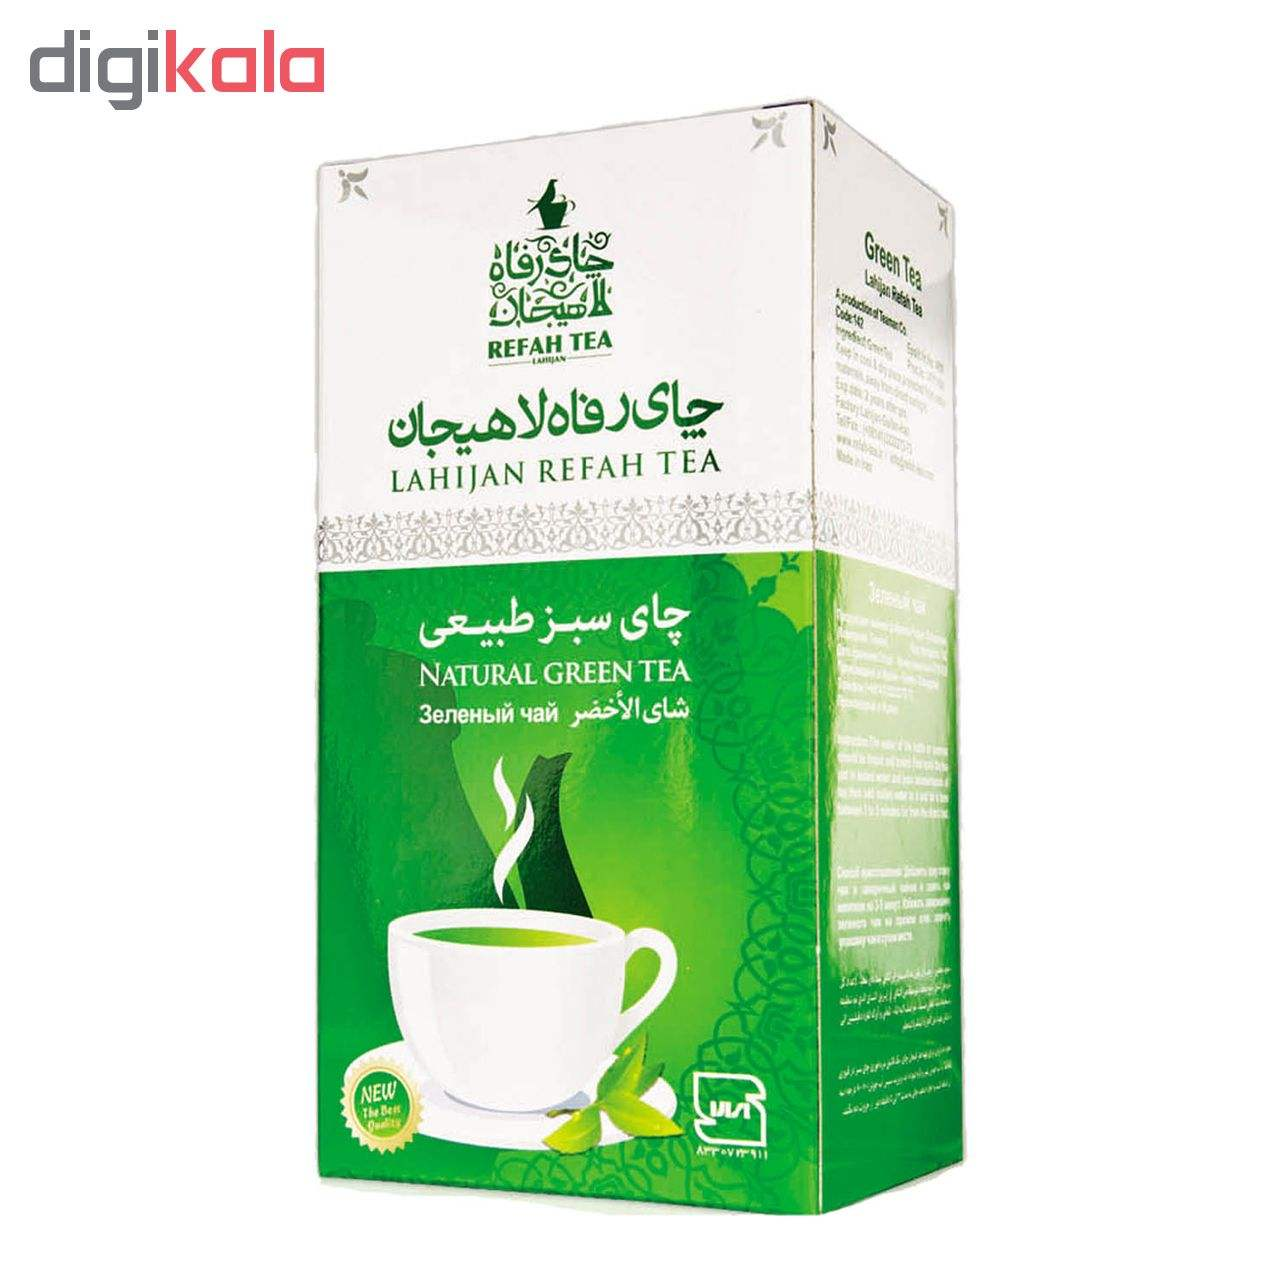 چای سبز رفاه لاهیجان مقدار 210 گرم main 1 1